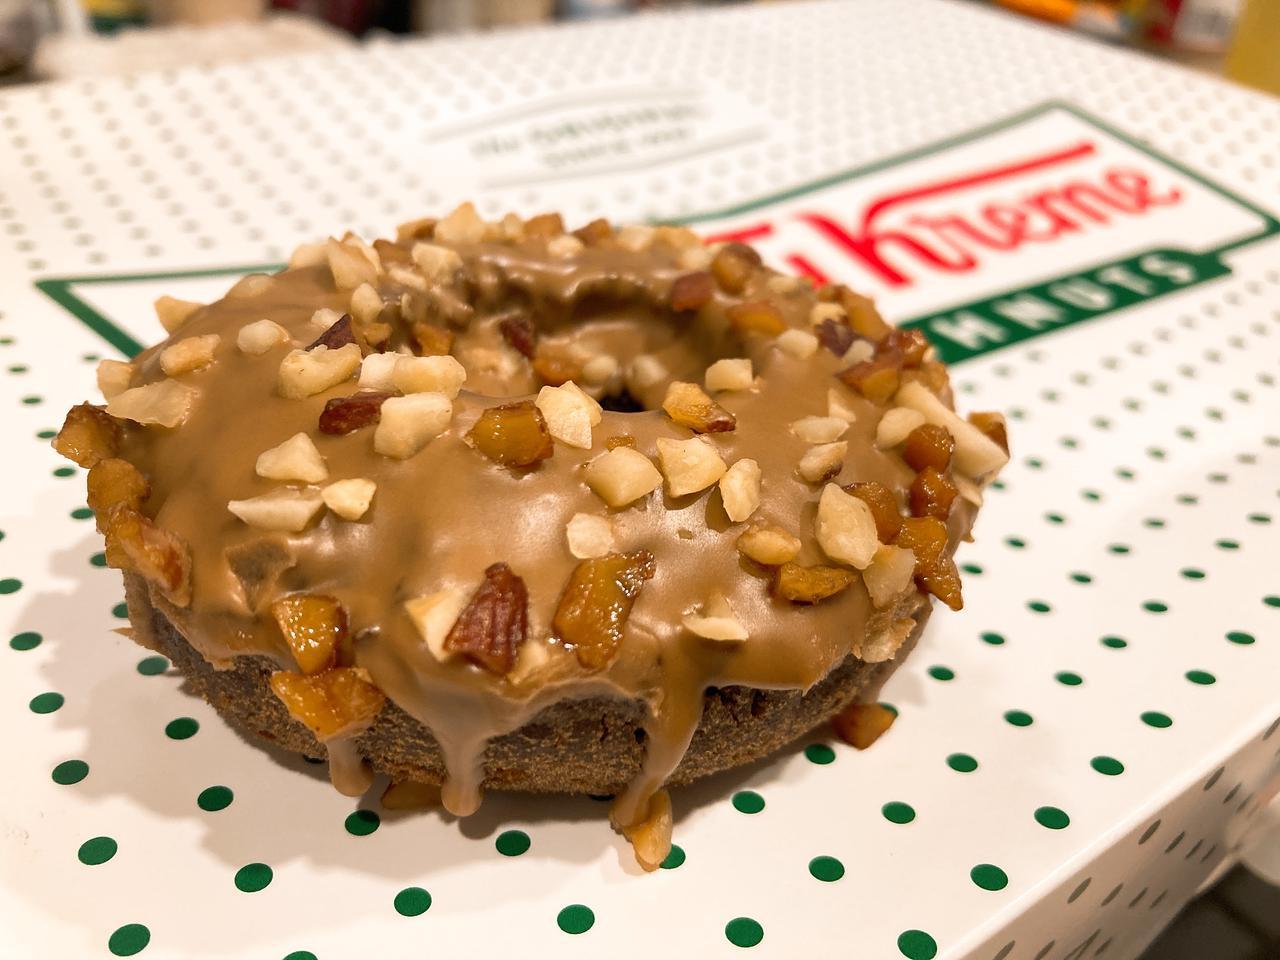 画像1: 【試食レポ】今年の秋は、4つの味と4つの食感!クリスピー・クリーム・ドーナツの新作4種を食べ比べ♡♡♡